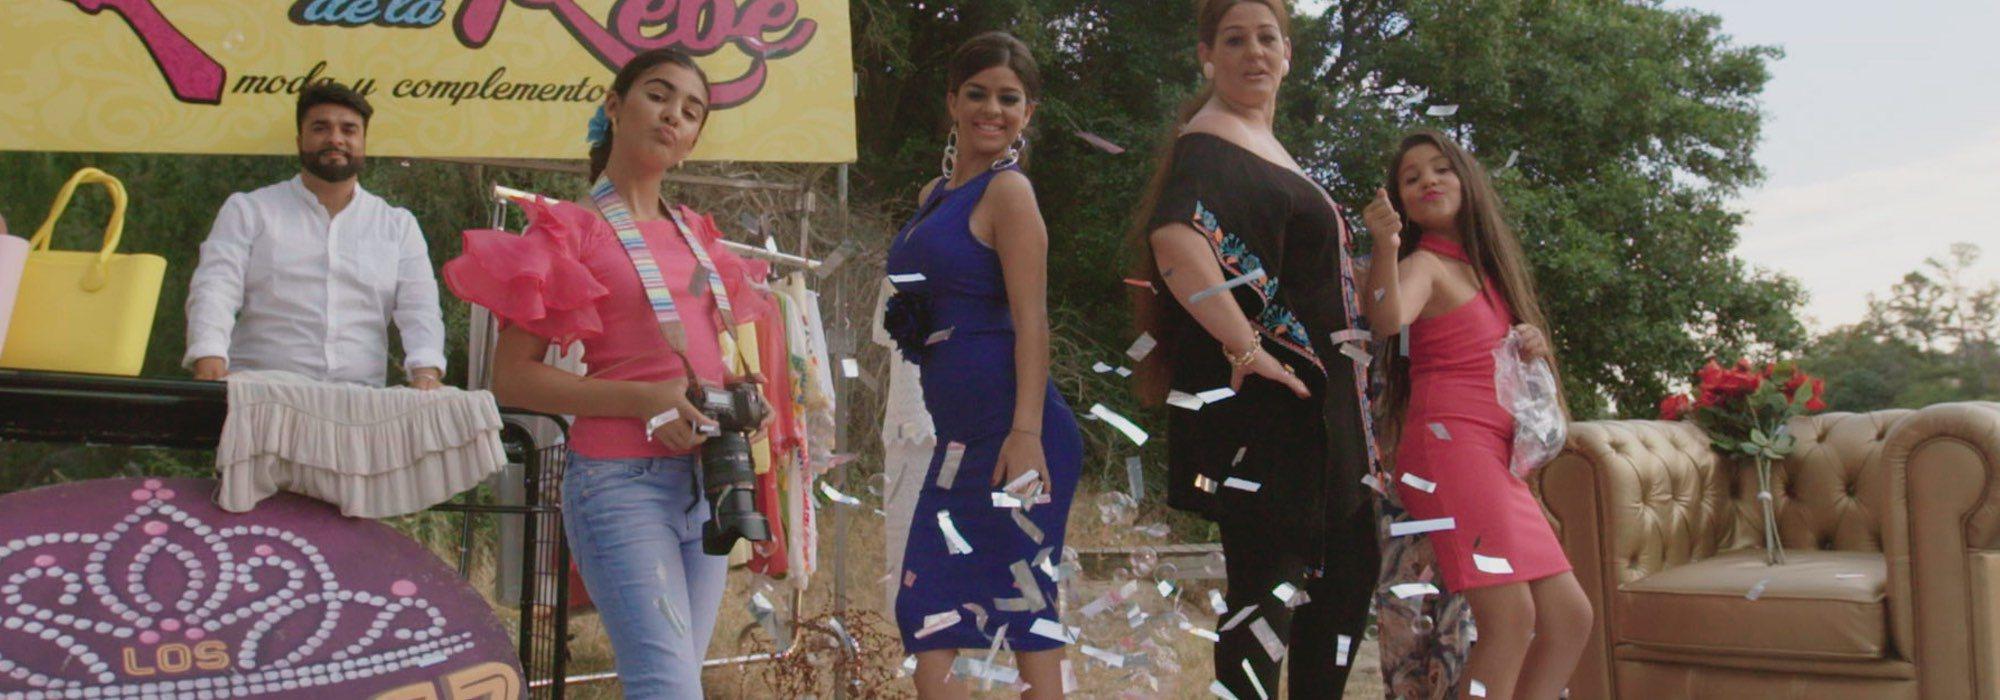 Boda Mallorca Gipsy Kings : Los gipsy kings cuatro ficha programas de televisión